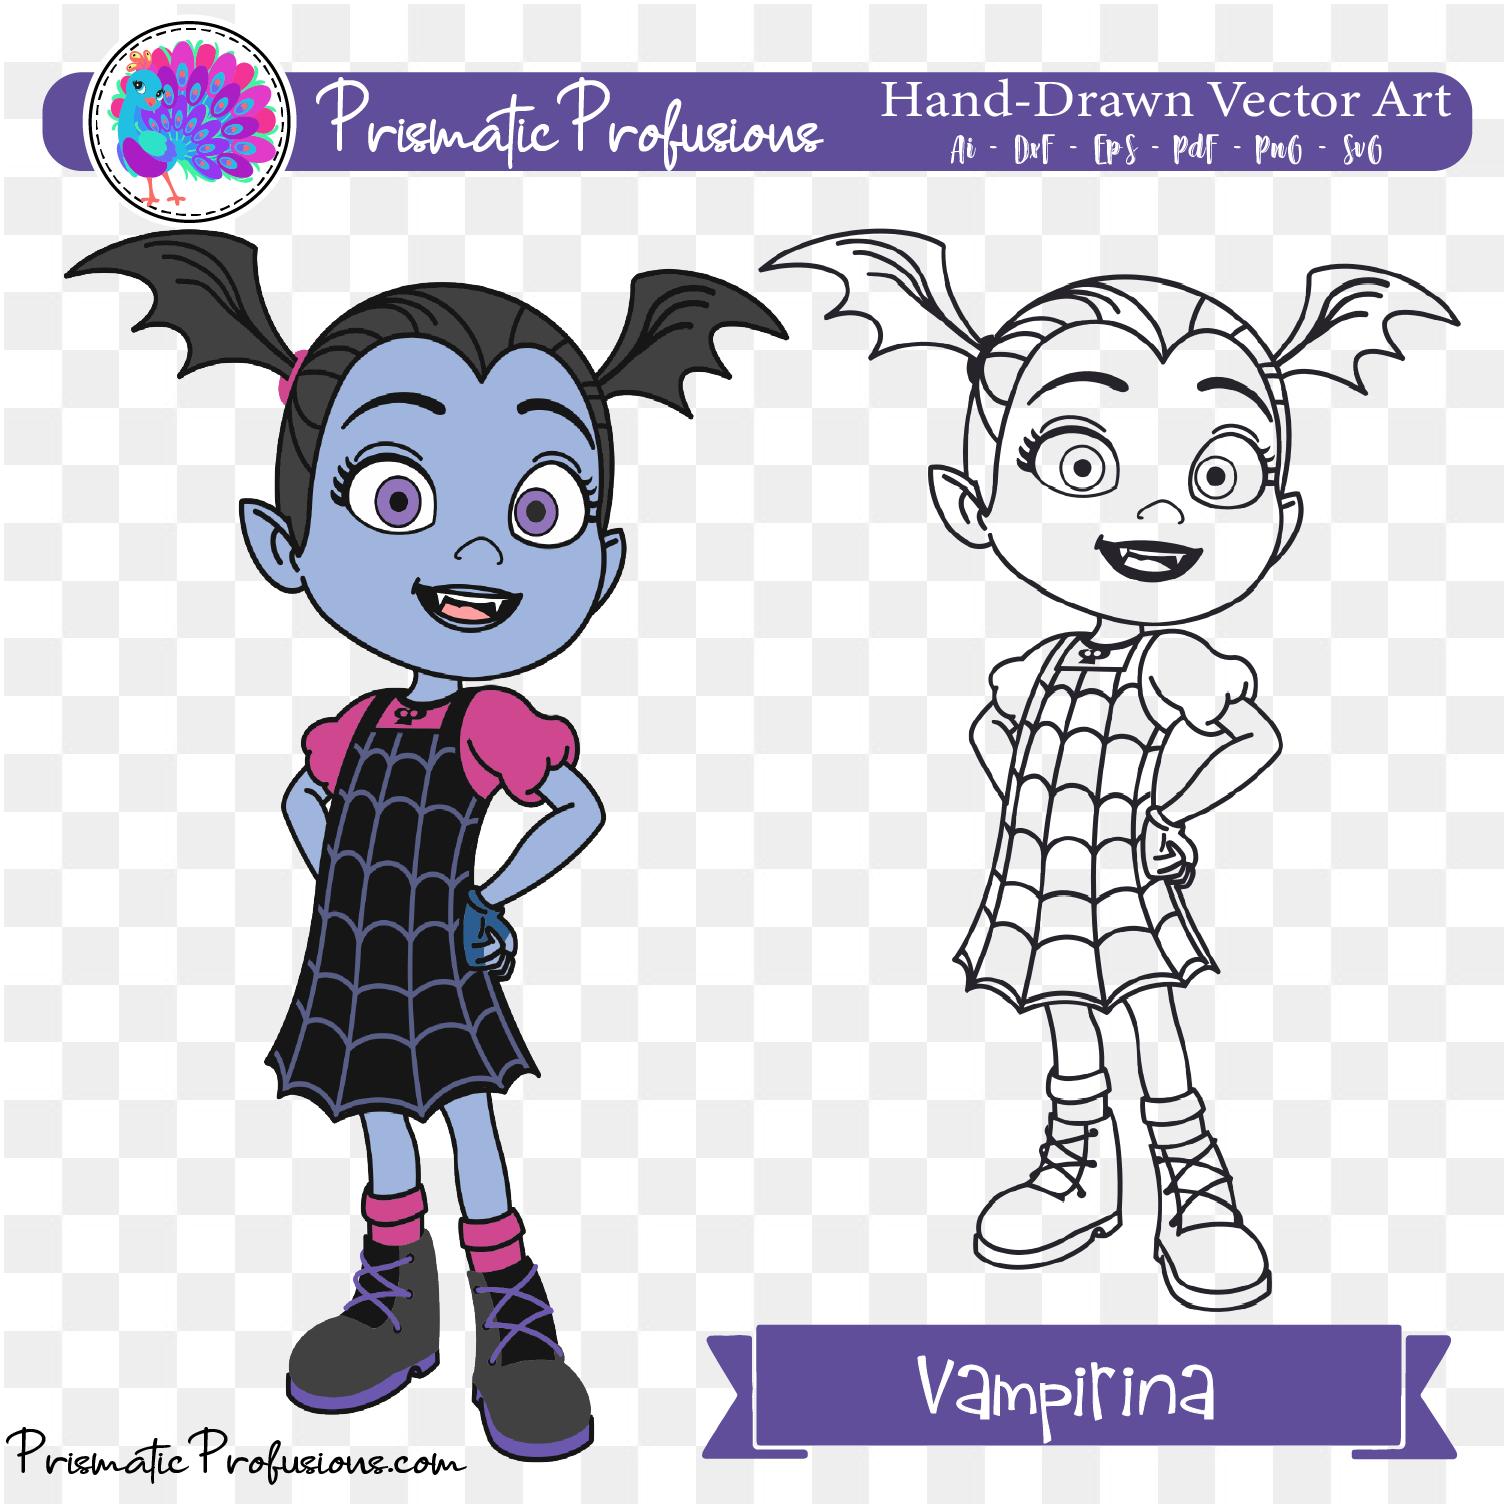 Vampirina, Vampirina SVG, Vampirina Clipart.